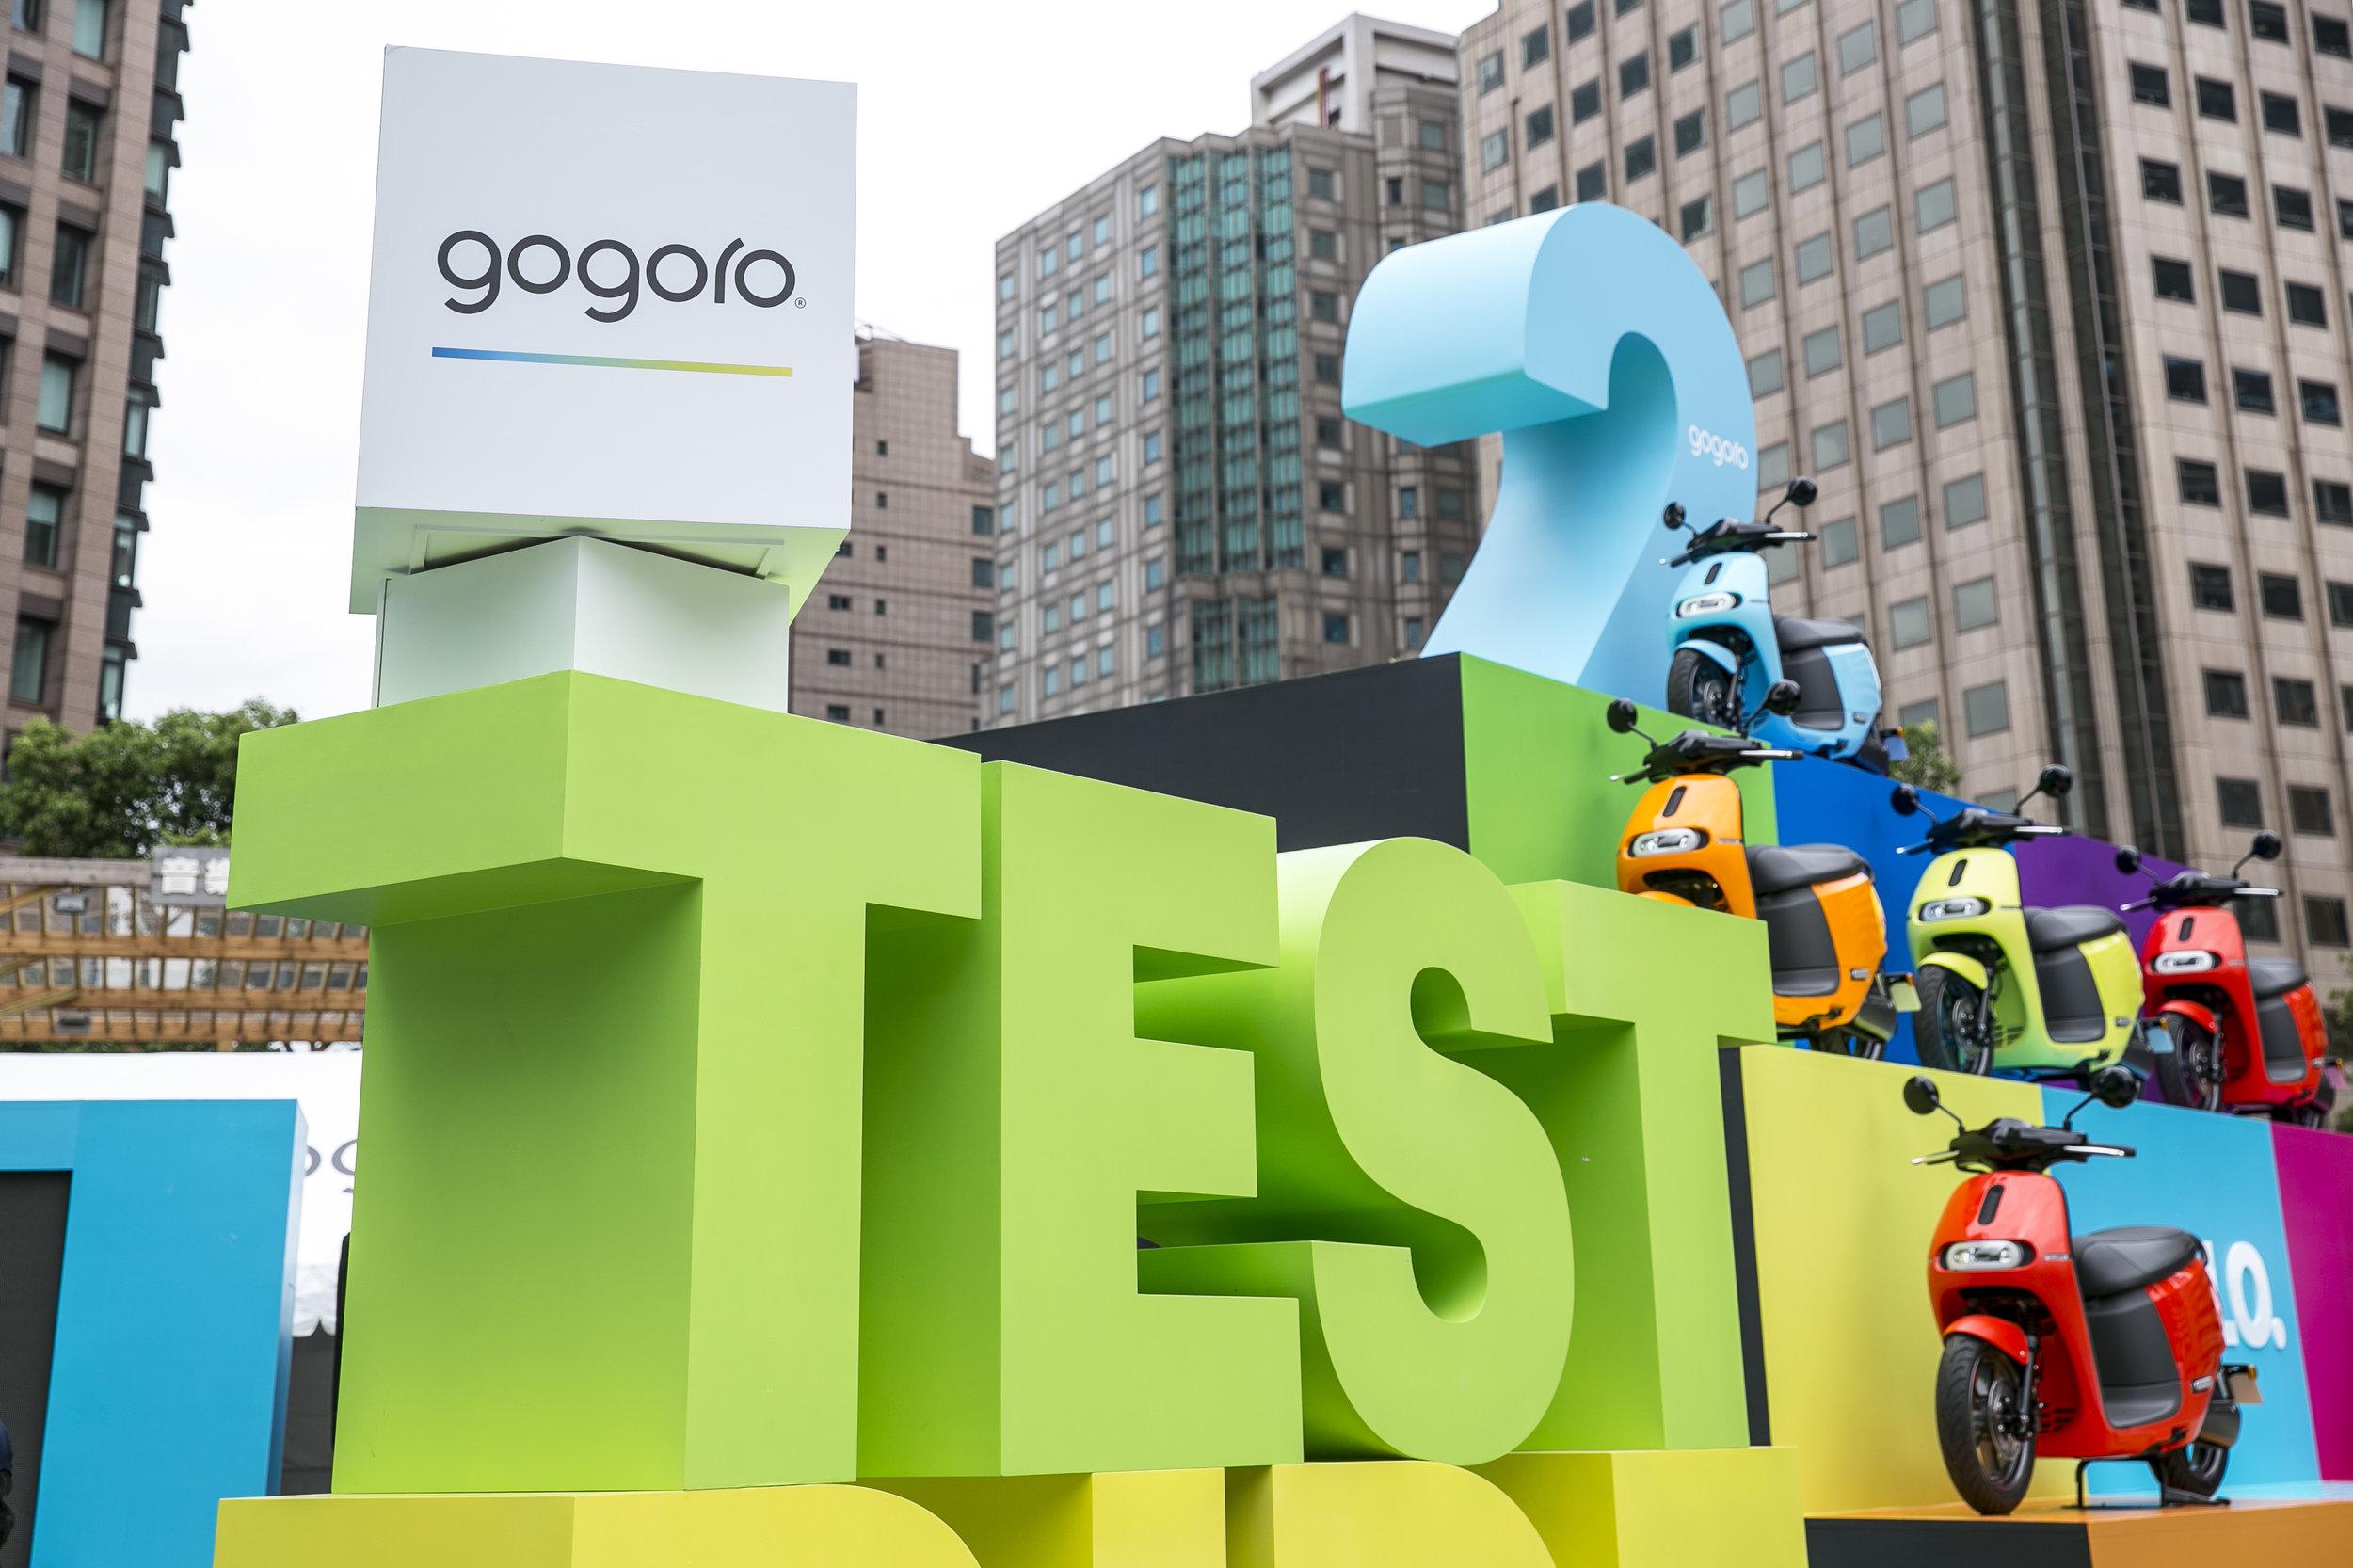 gogoro-events-gogoro2-uniustyle-taipei-02.jpg